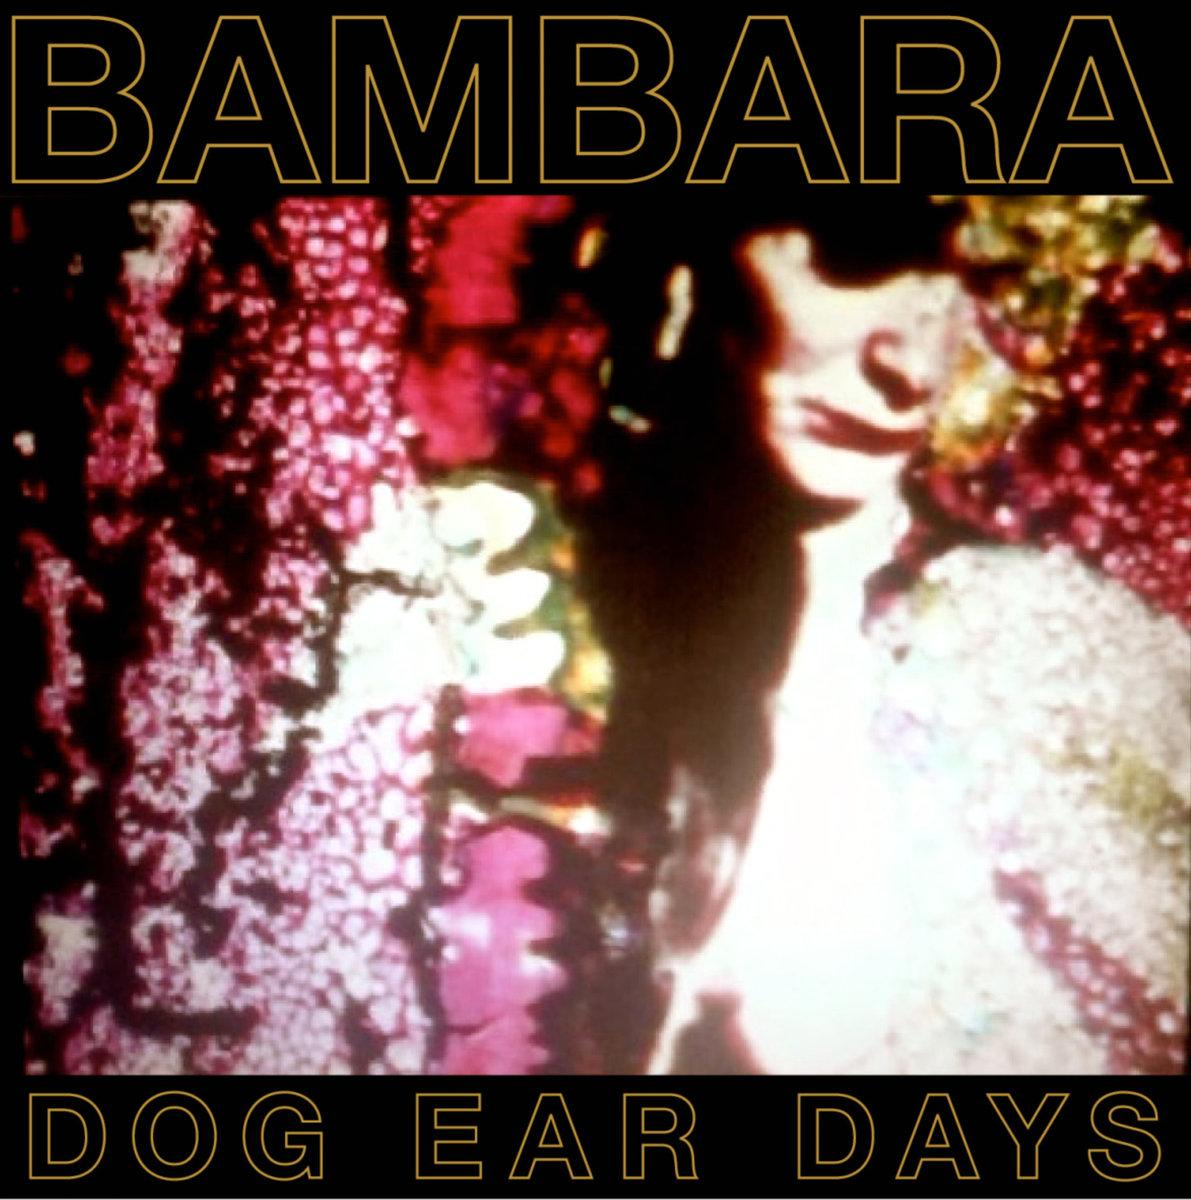 Bambara Dog Ear Days